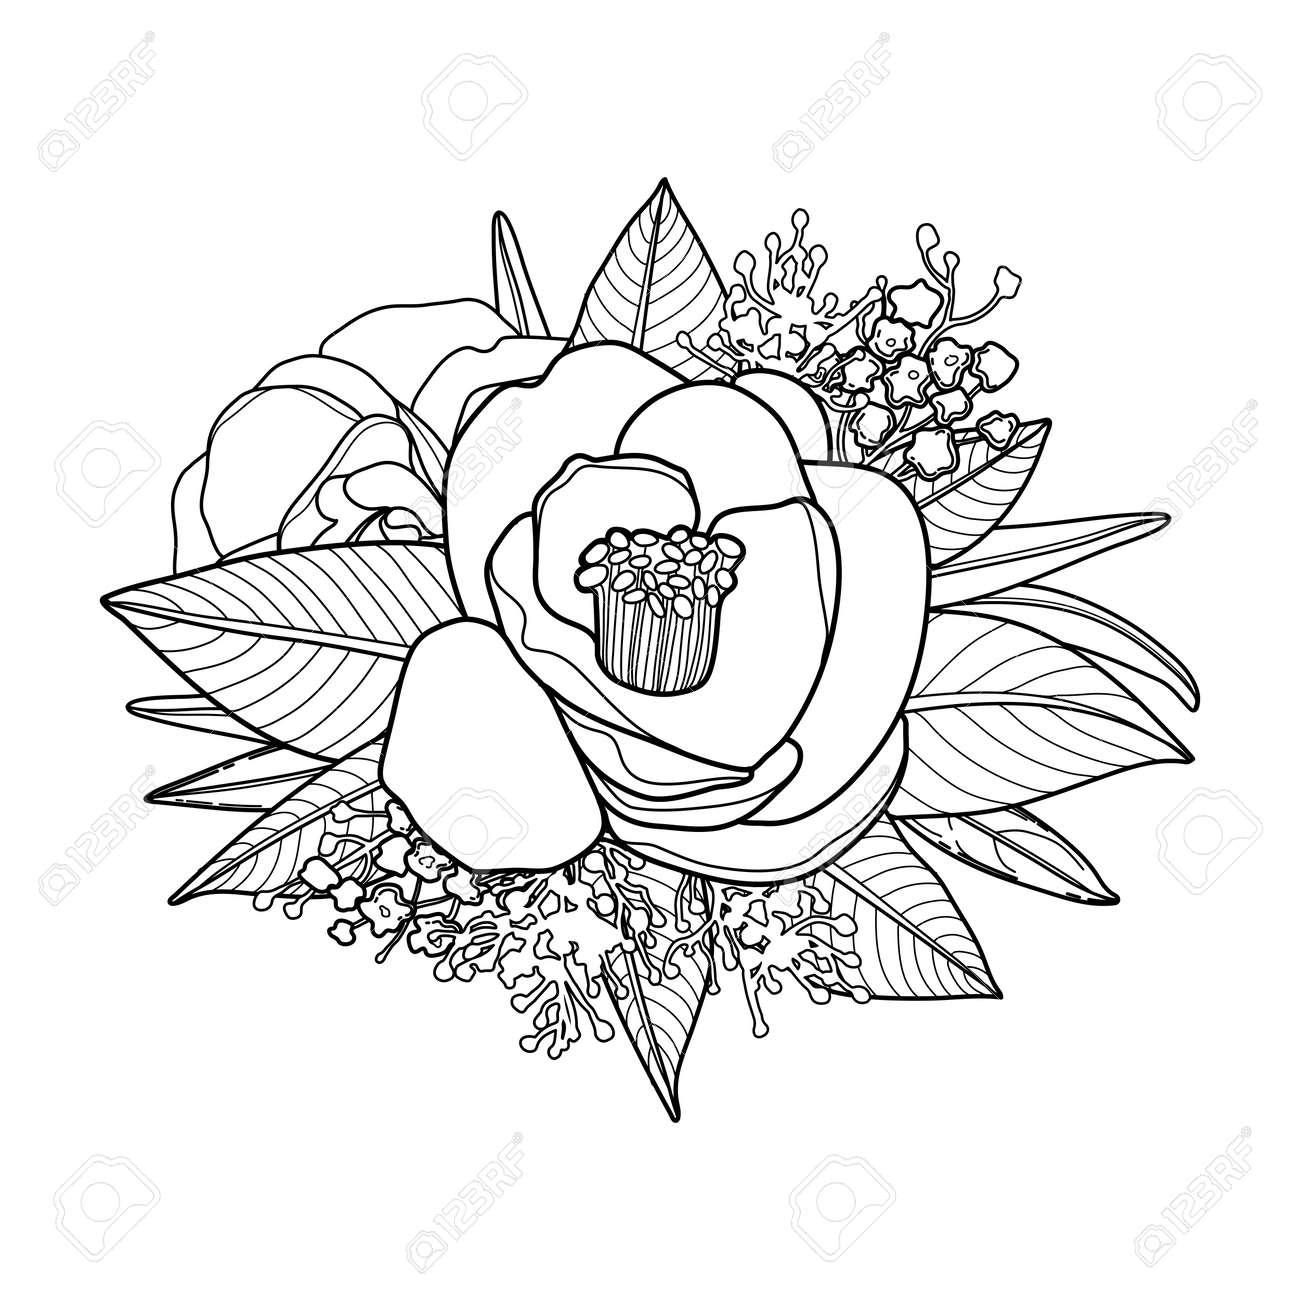 Tarjeta Floral Gráfico. Vector De Camelia Hojas Y Flores En Una ...